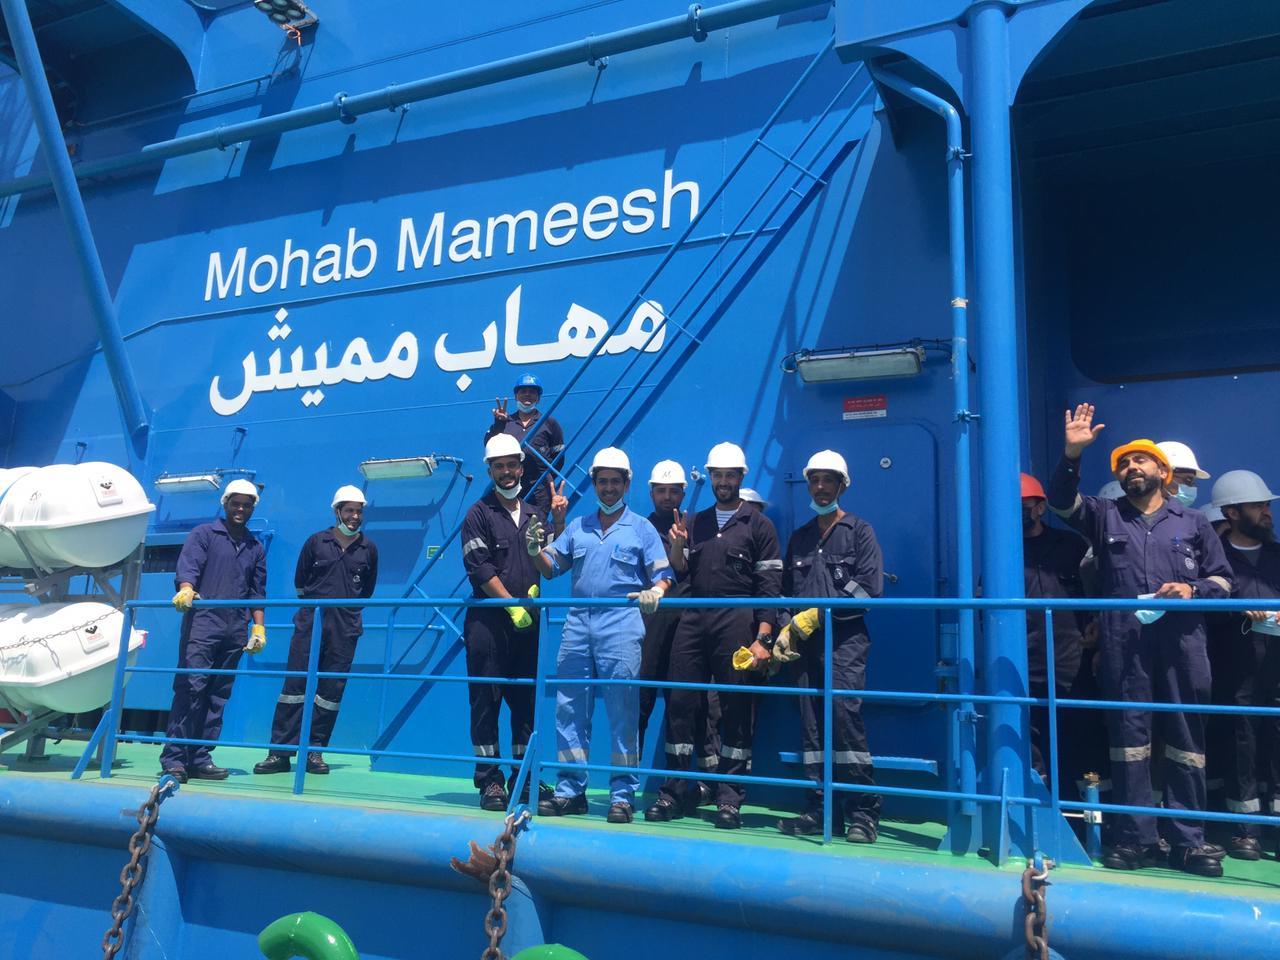 الكراكة مهاب مميش (5)